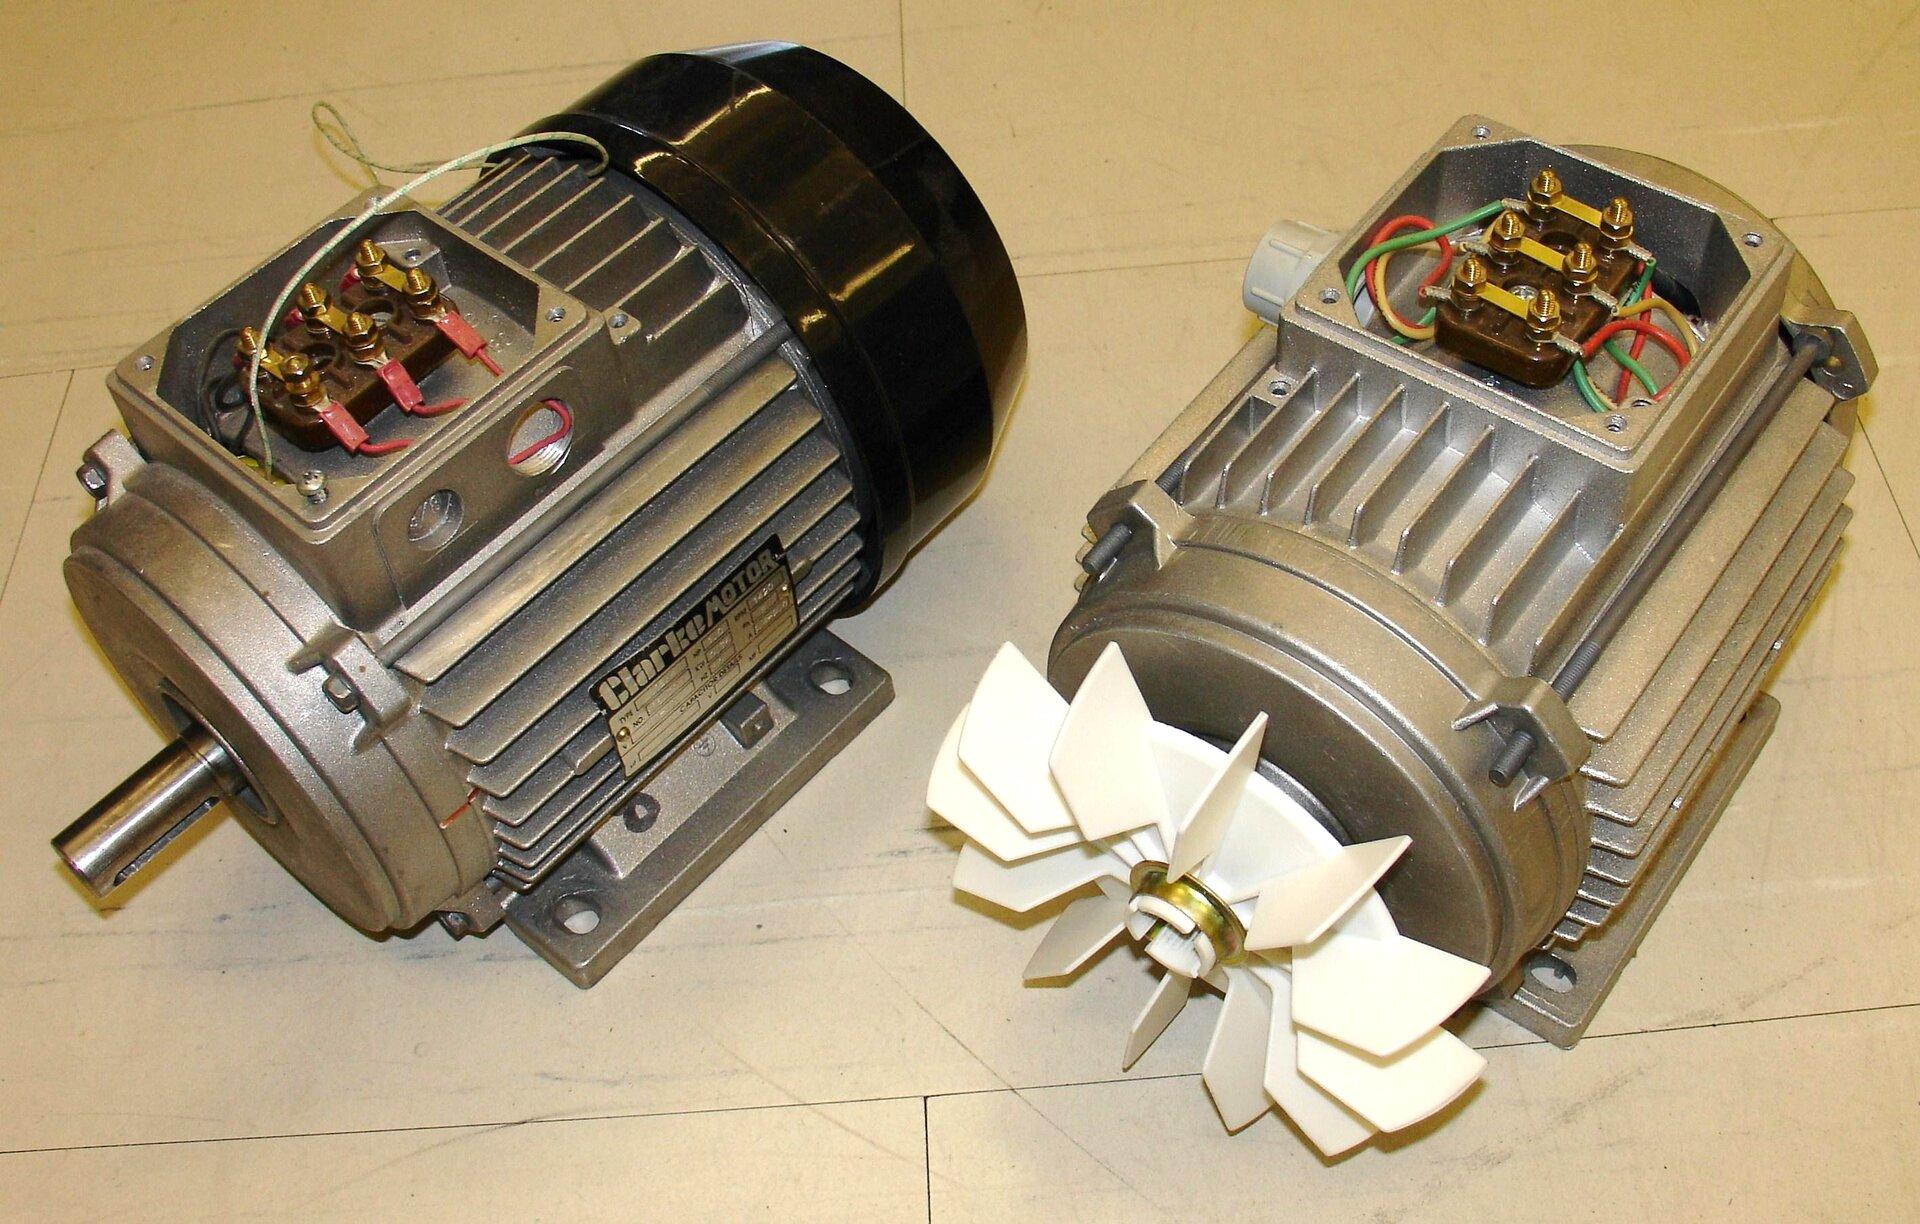 Silnik elektryczny Źródło: Zureks, Silnik elektryczny, licencja: CC BY-SA 3.0.